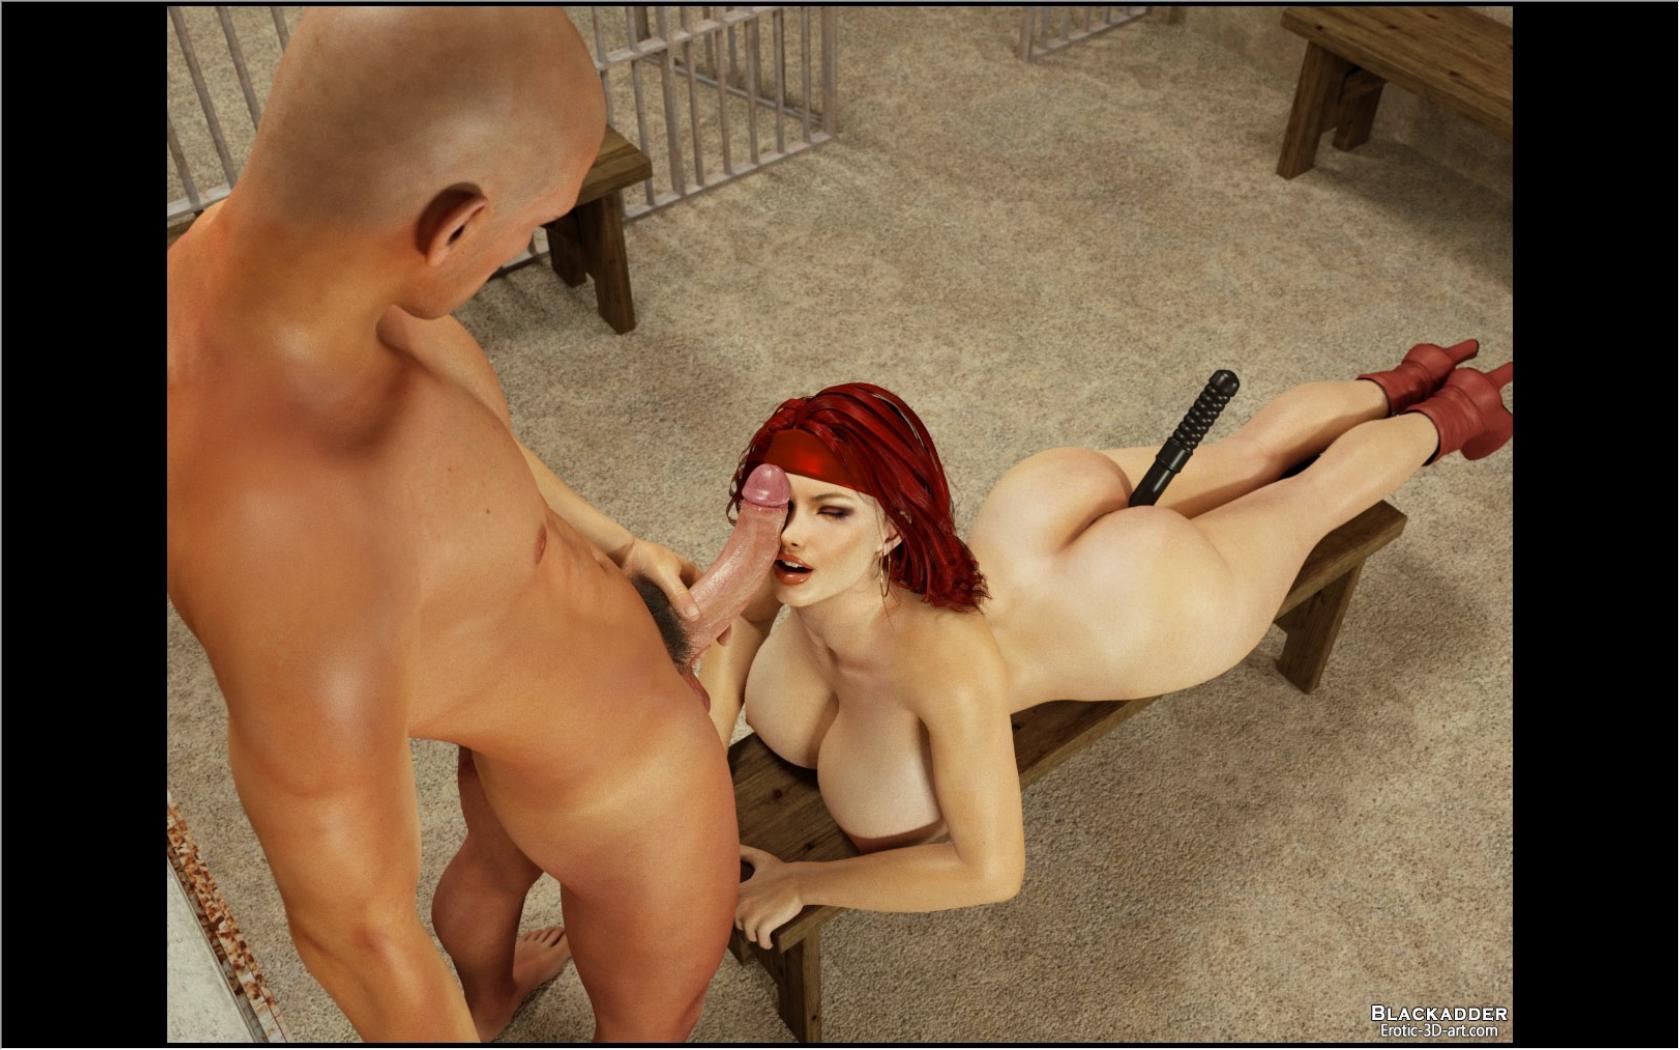 Секс двух женщин в тюрме порно рассказ 11 фотография